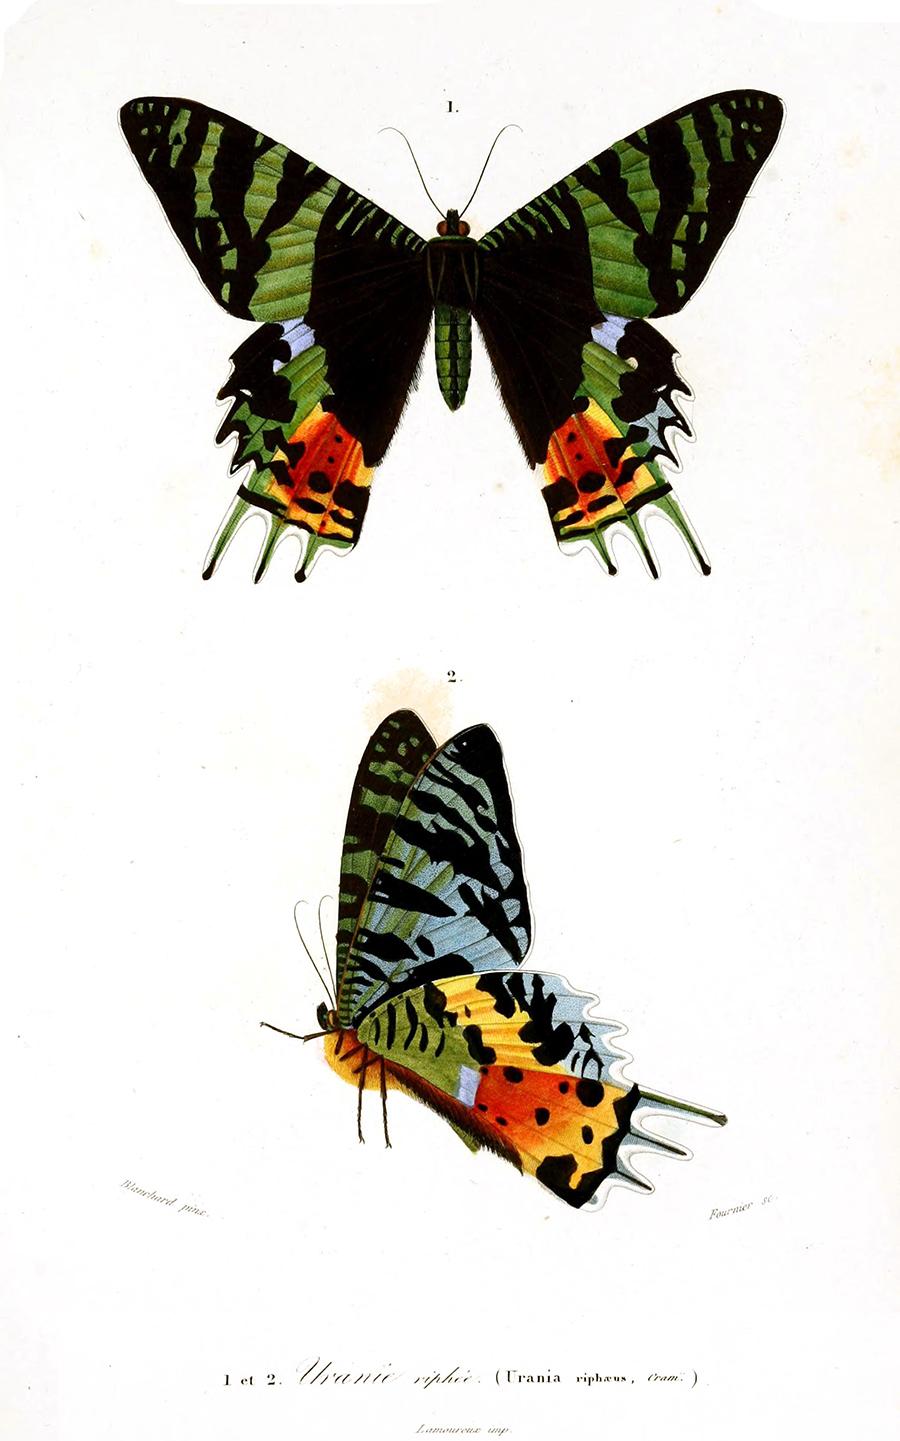 Charles D. d'Orbigny illusztrációja a tündérlepkéről a Dictionnaire universel d'histoire naturelle-ben, 1849-ből